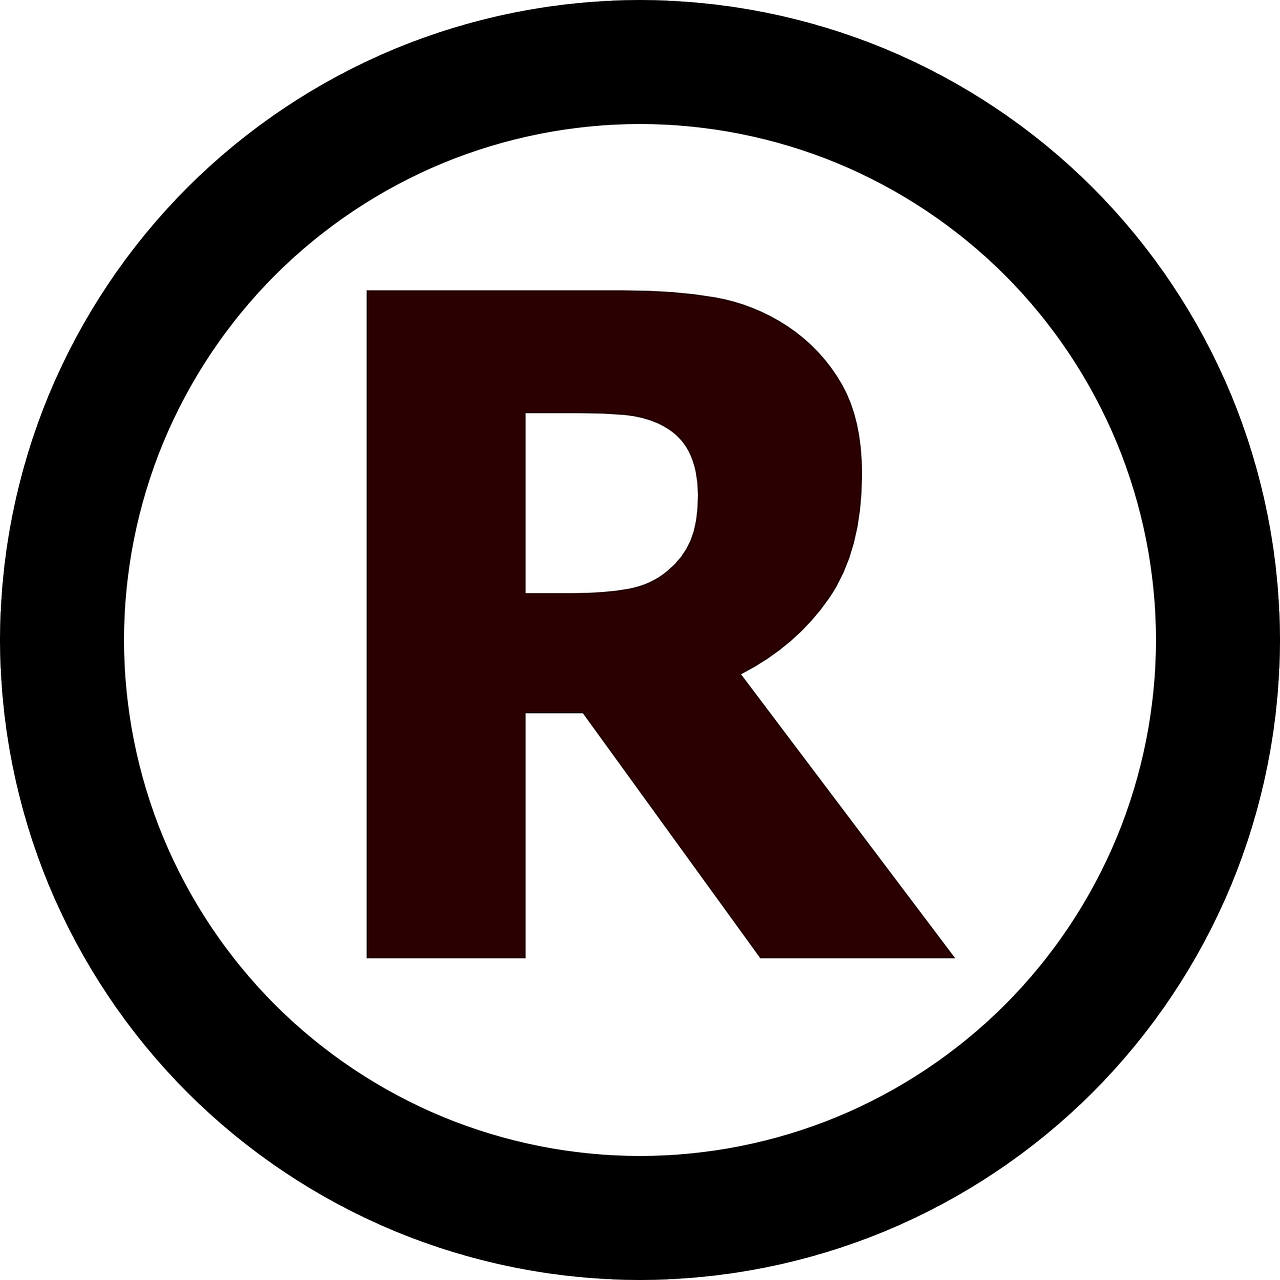 pedido de registro de marca